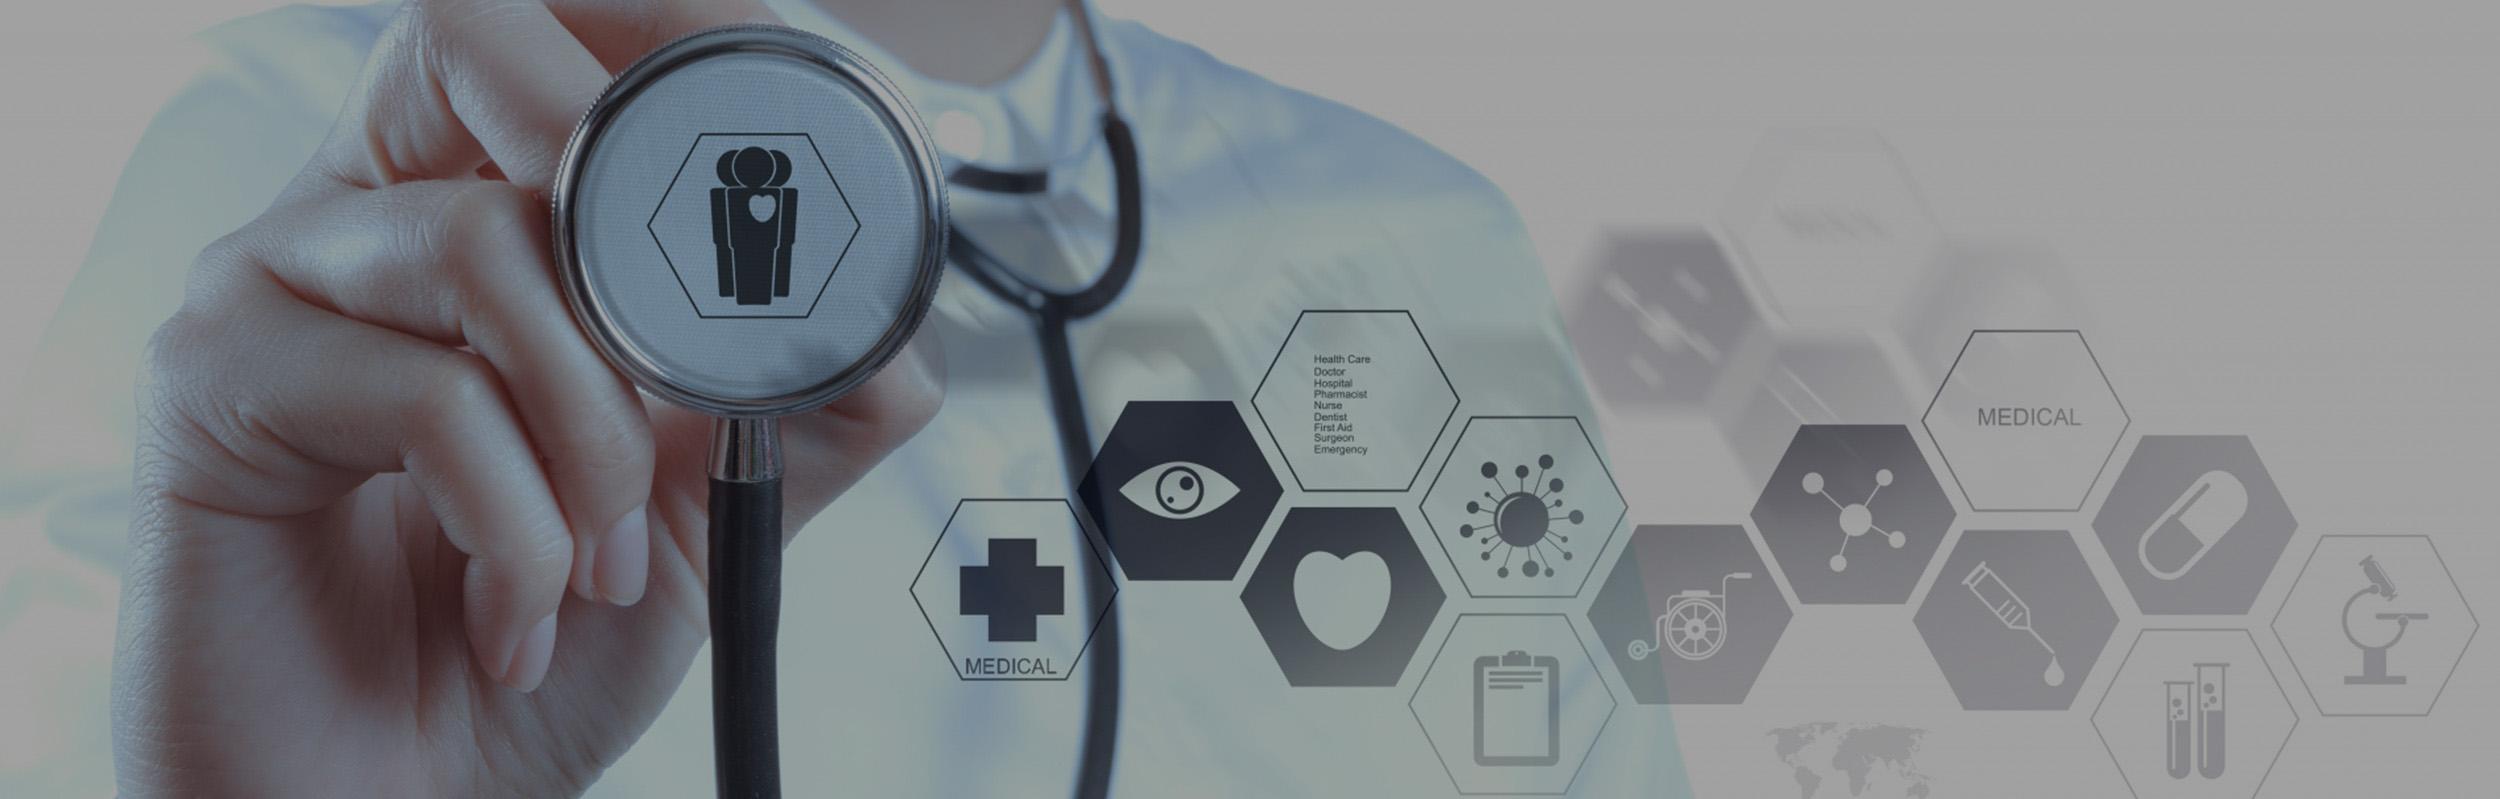 medical-banner1